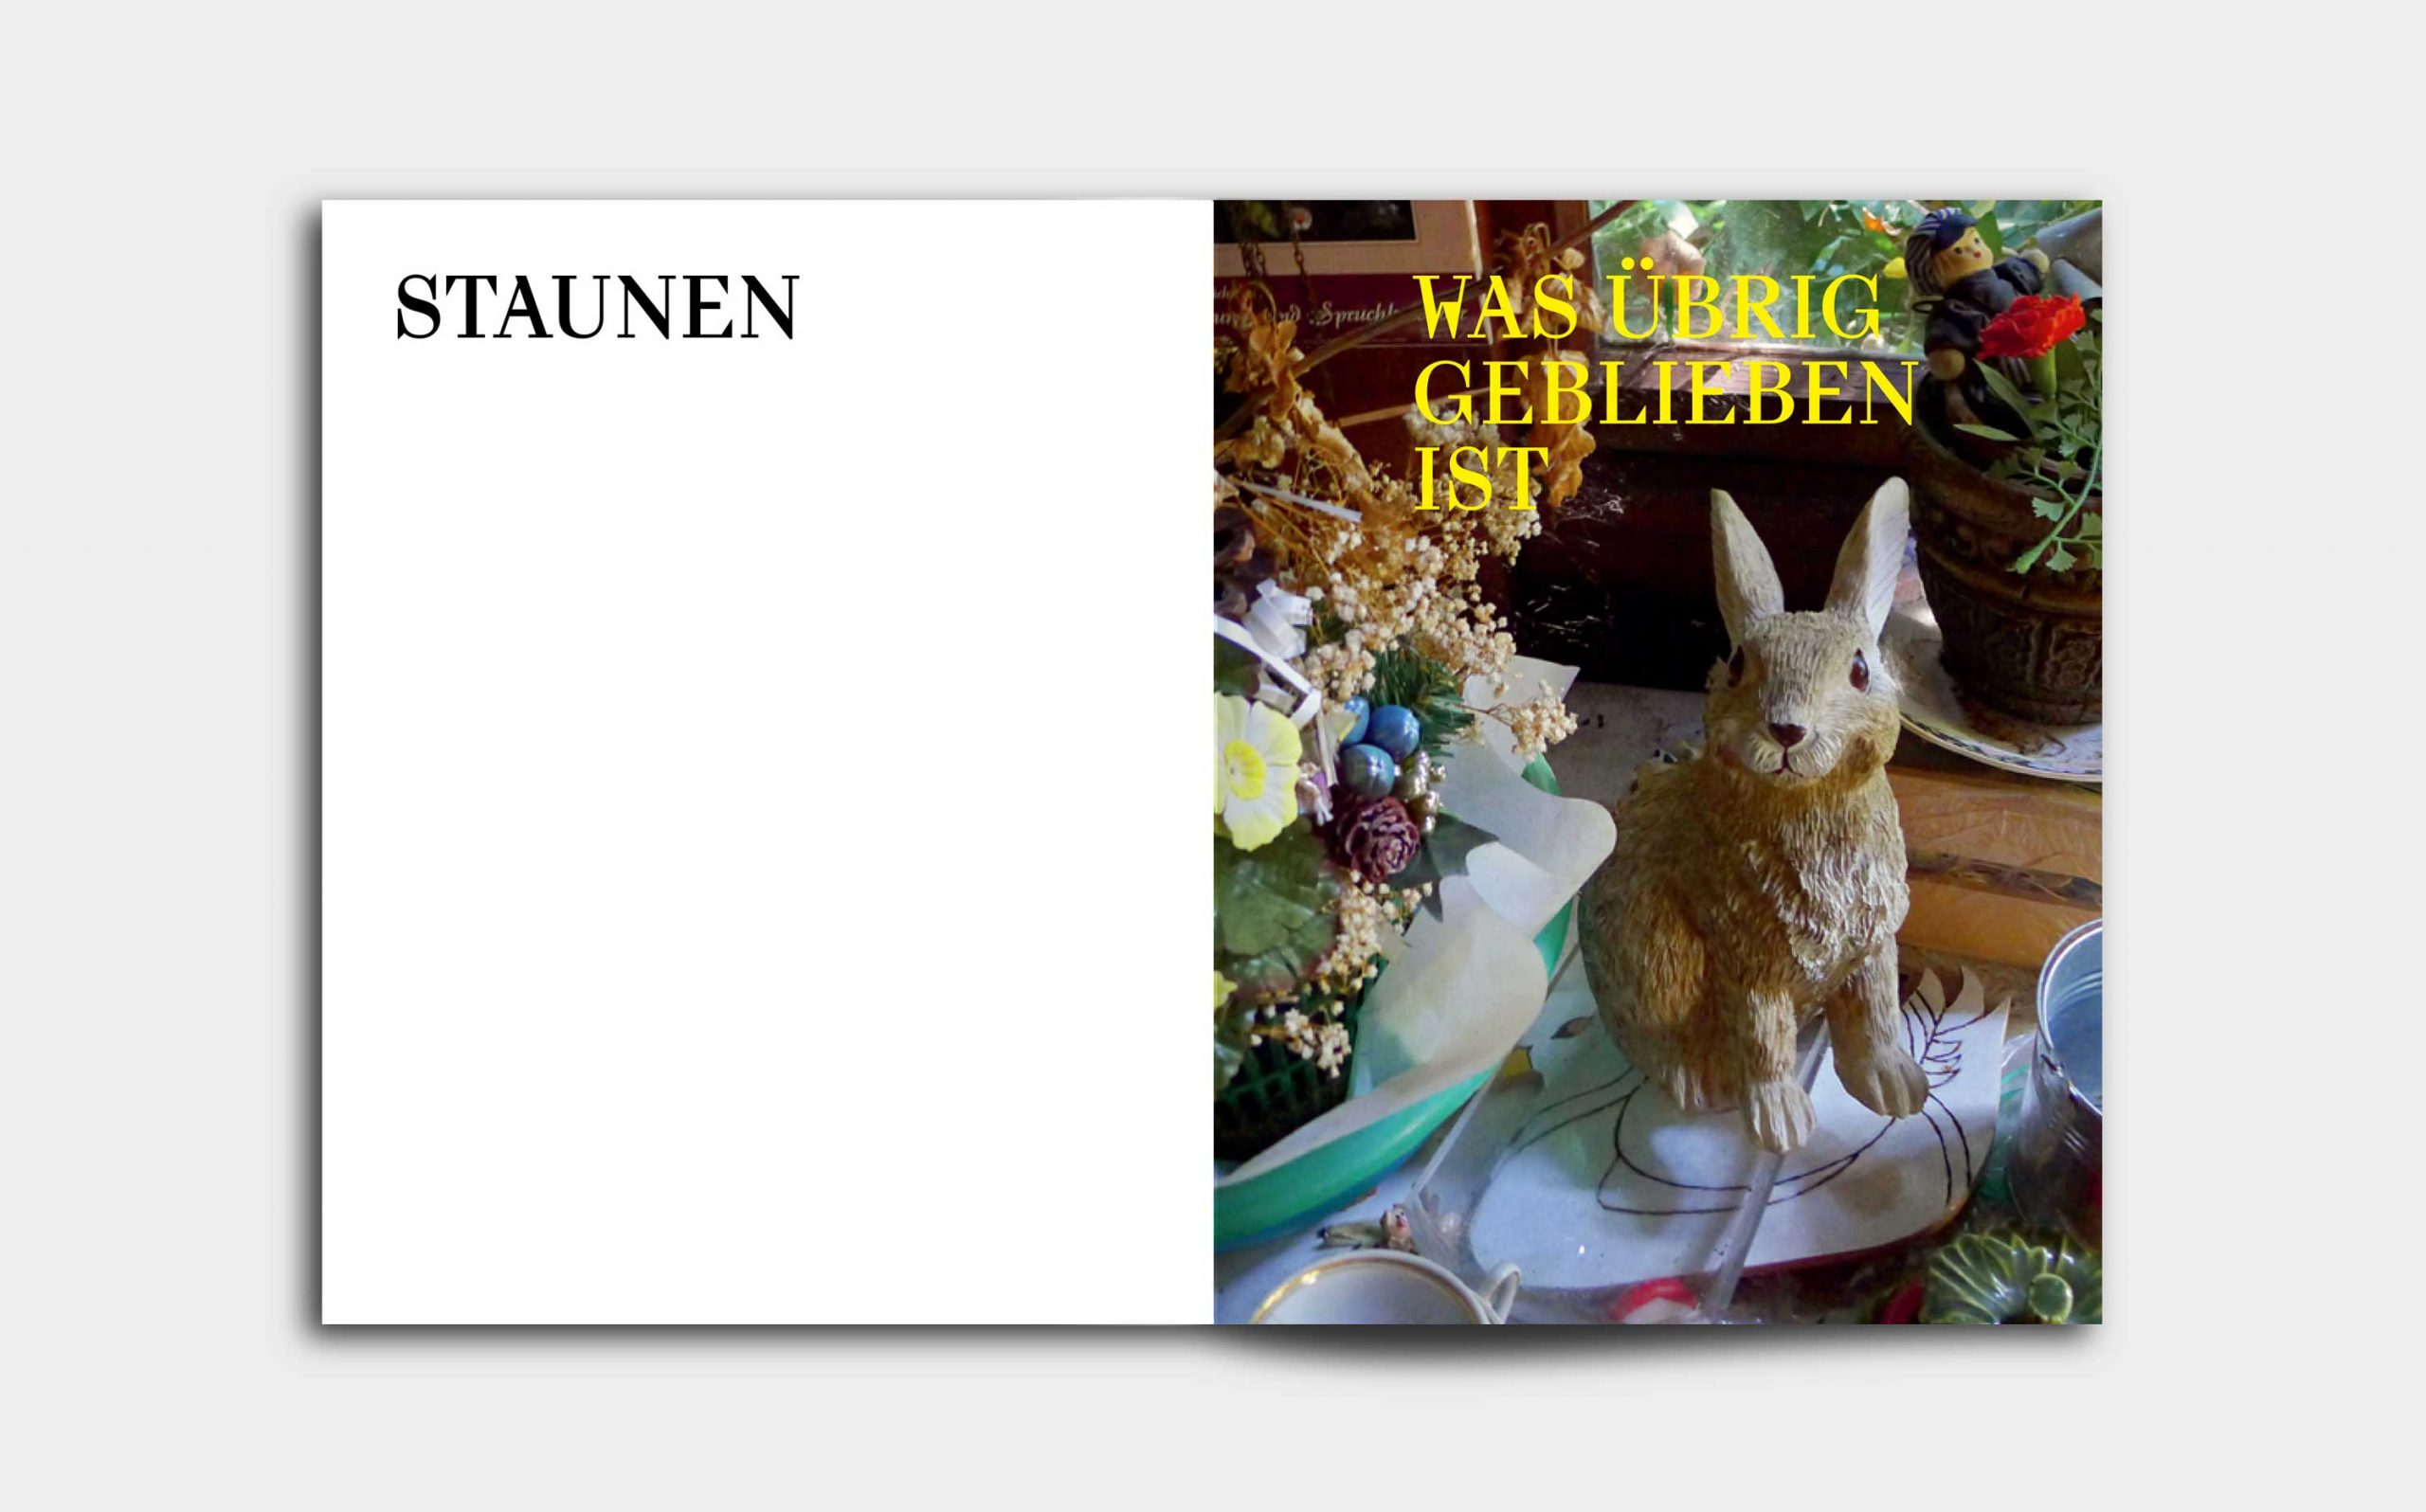 Tarek Leitner, Peter Coeln – Hilde & Gretl | Kapiteleinstieg mit Bild mit einem Deko-Hasen und Schrift auf der linken Seite | Keywords: Editorial Design, Veredelung, Artist Book, Künstlerbuch, Buchgestaltung, Grafikdesign, Design, Typografie